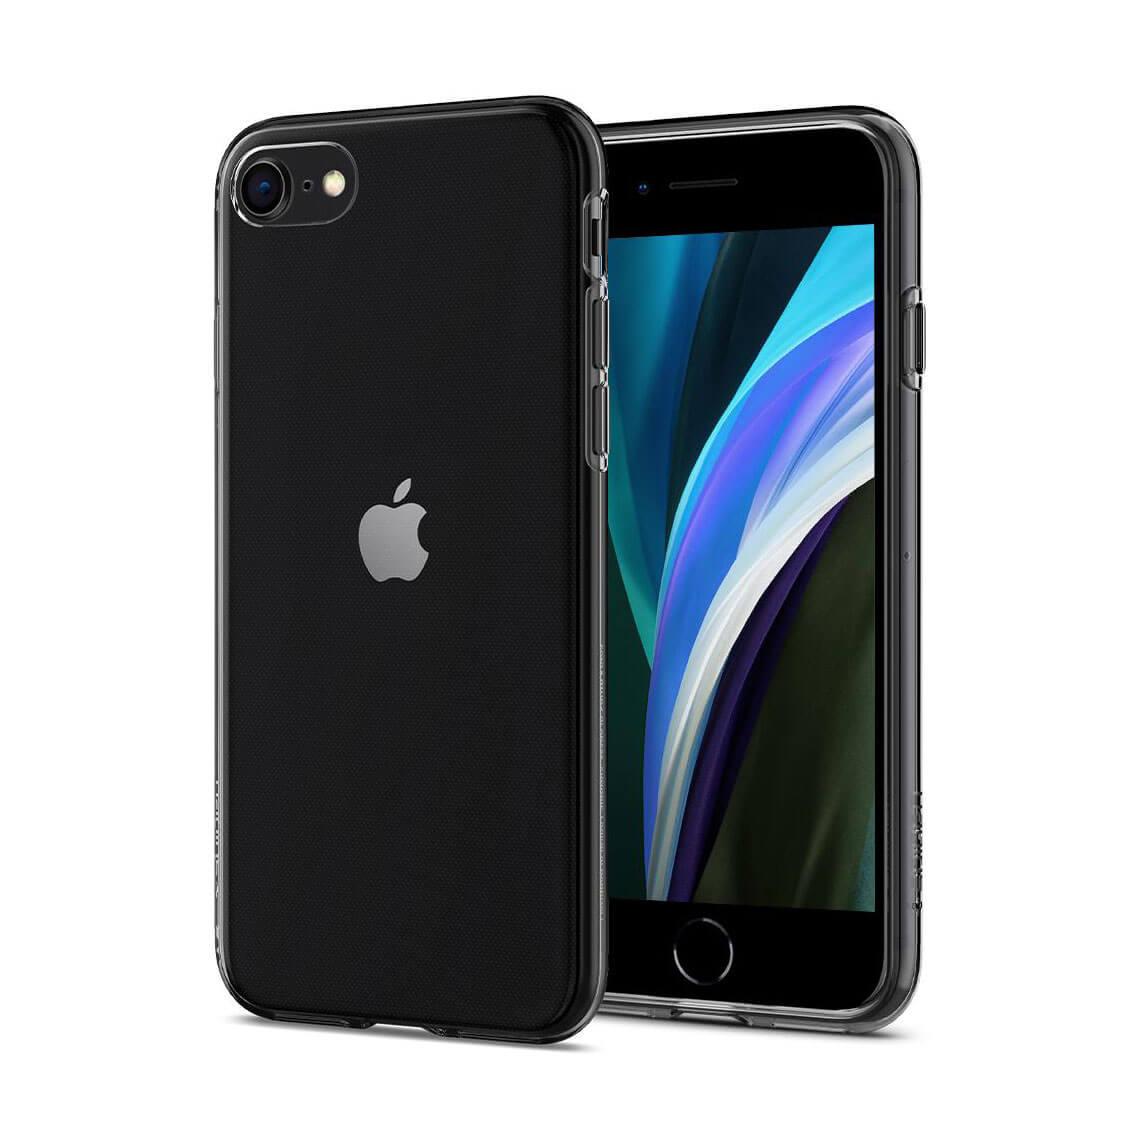 کاور اسپیگن مدل Liquid Crystal آیفون iPhone SE 2020 / 8 / 7